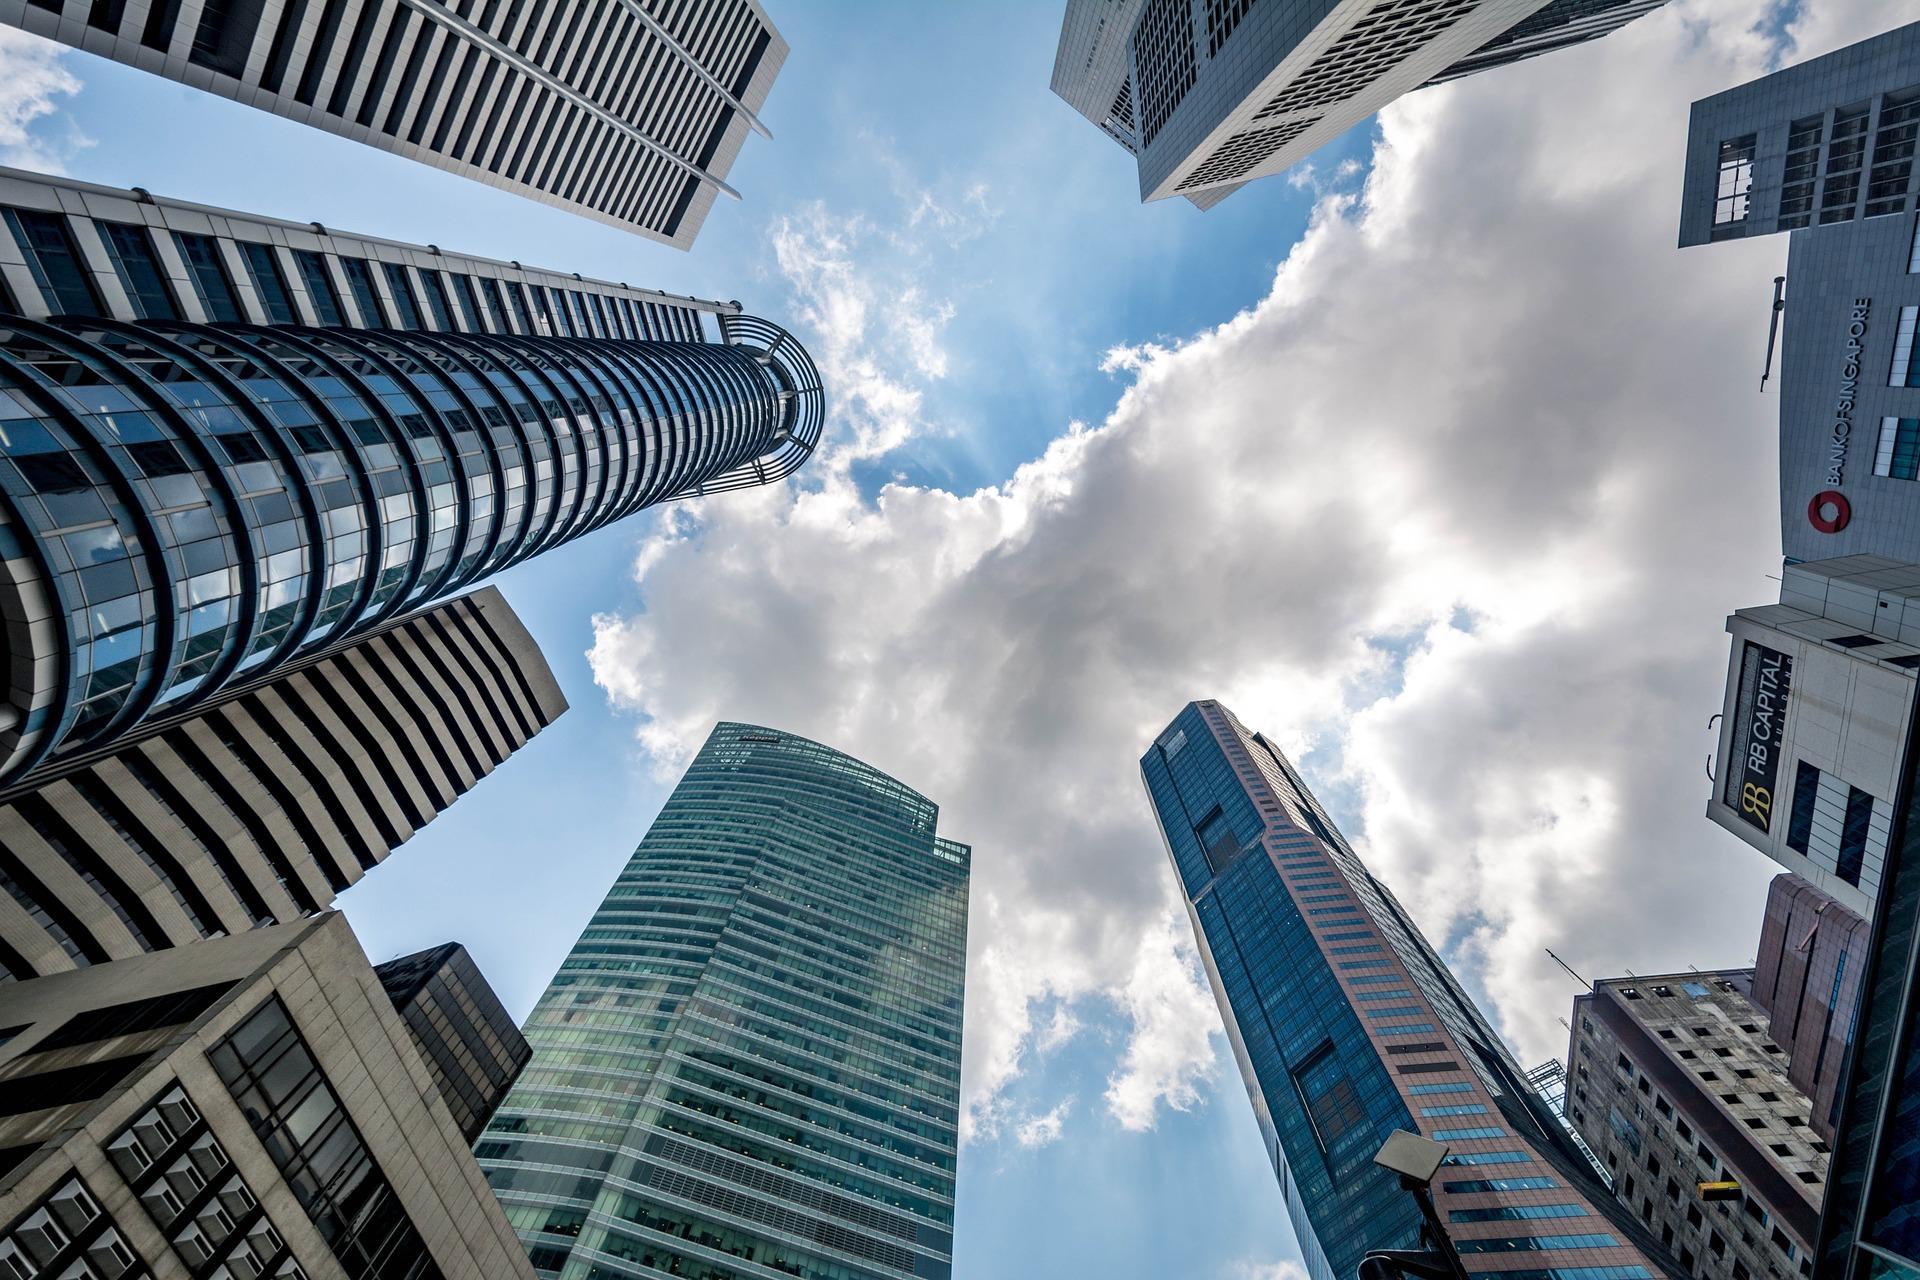 Cómo construir tu propio rascacielos: Hazlo tú mismo